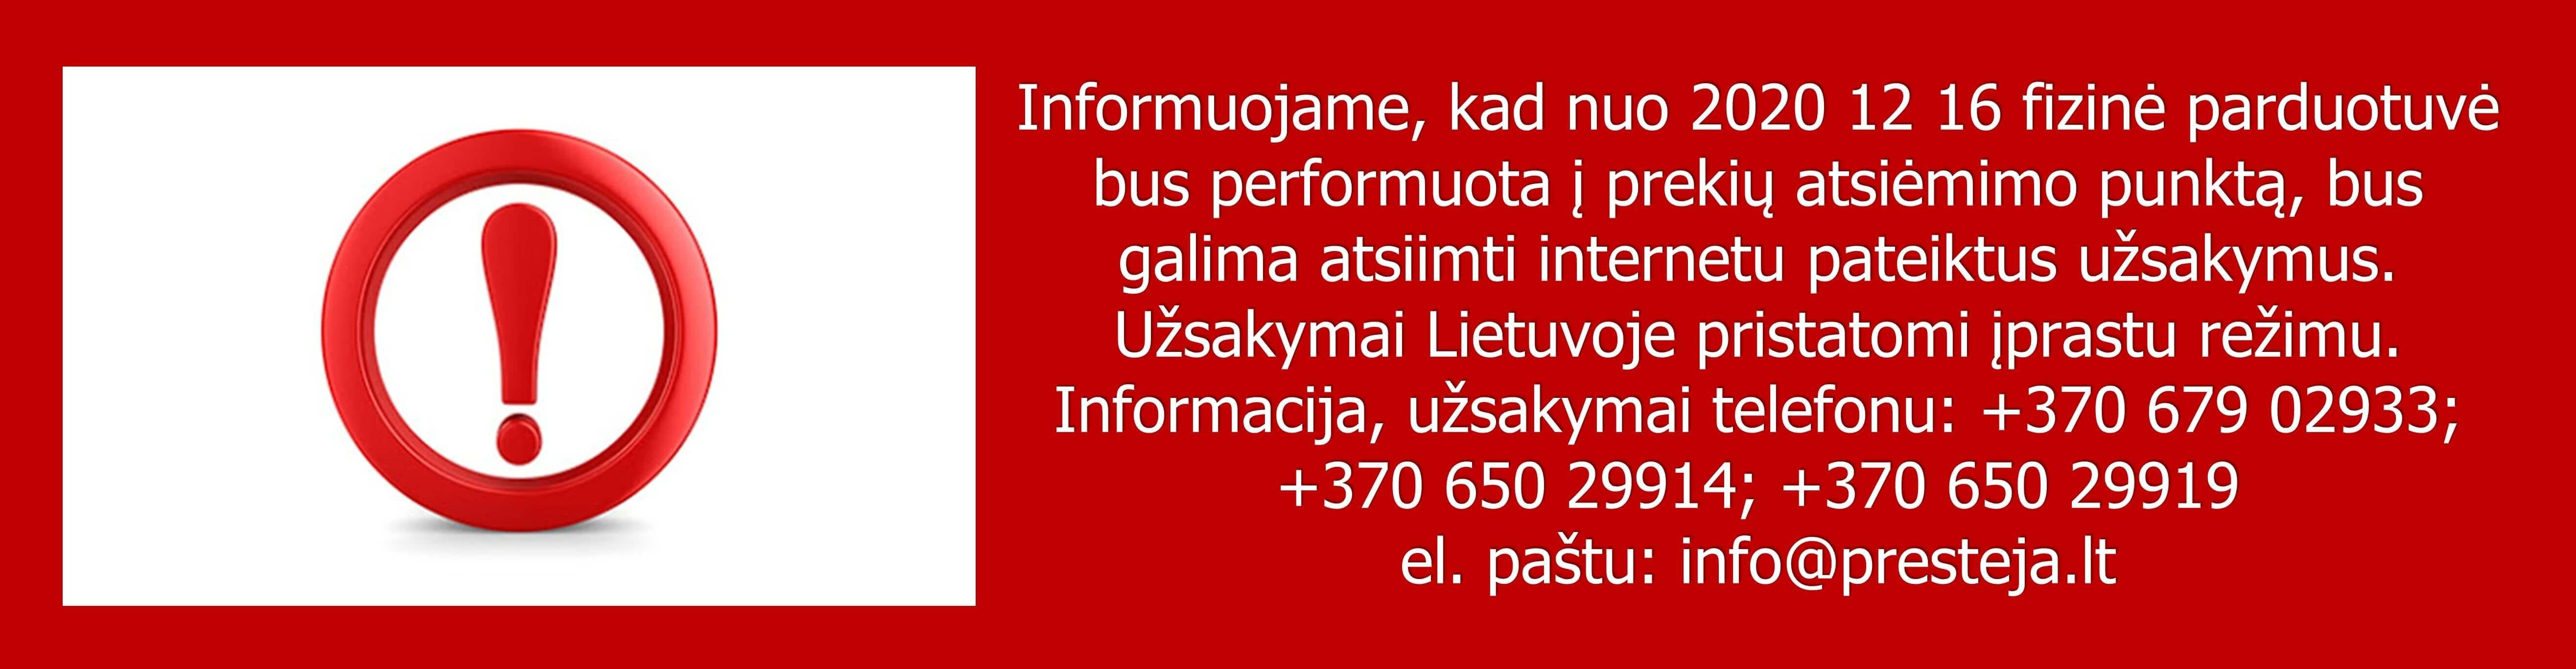 SVARBI INFORMACIJA KARANTINO METU!